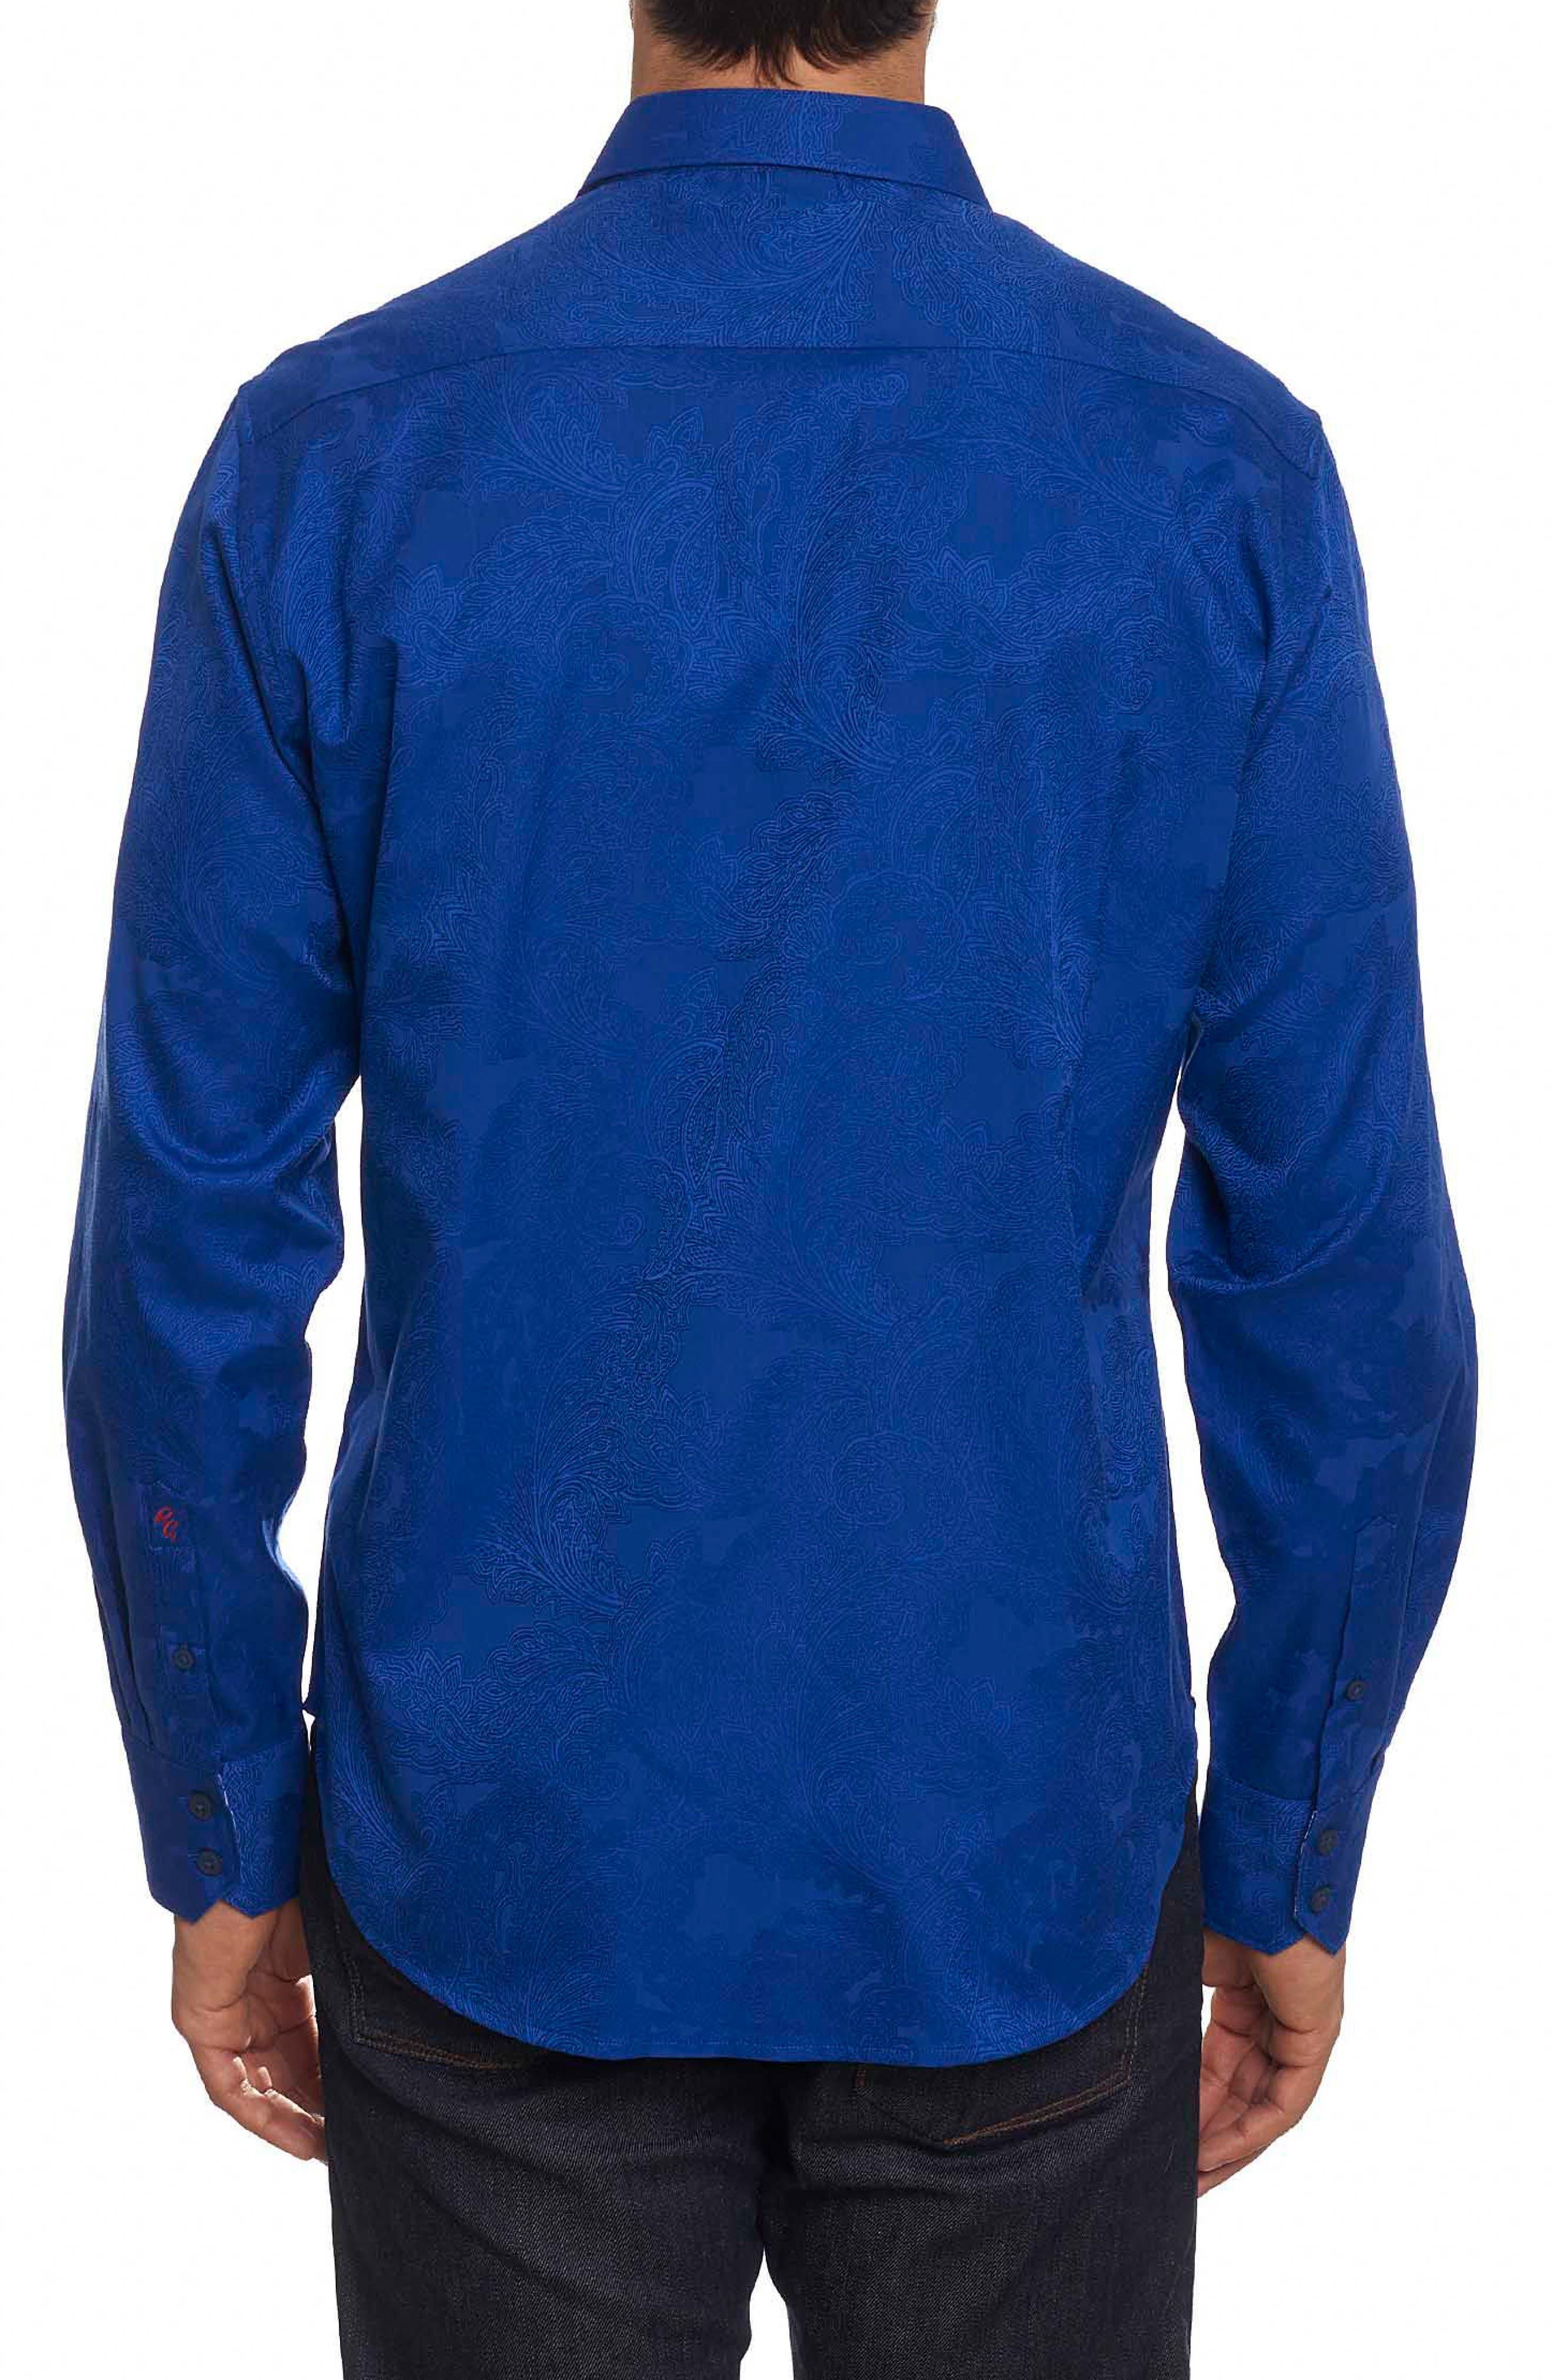 Rosendale Classic Fit Jacquard Sport Shirt,                             Alternate thumbnail 2, color,                             432